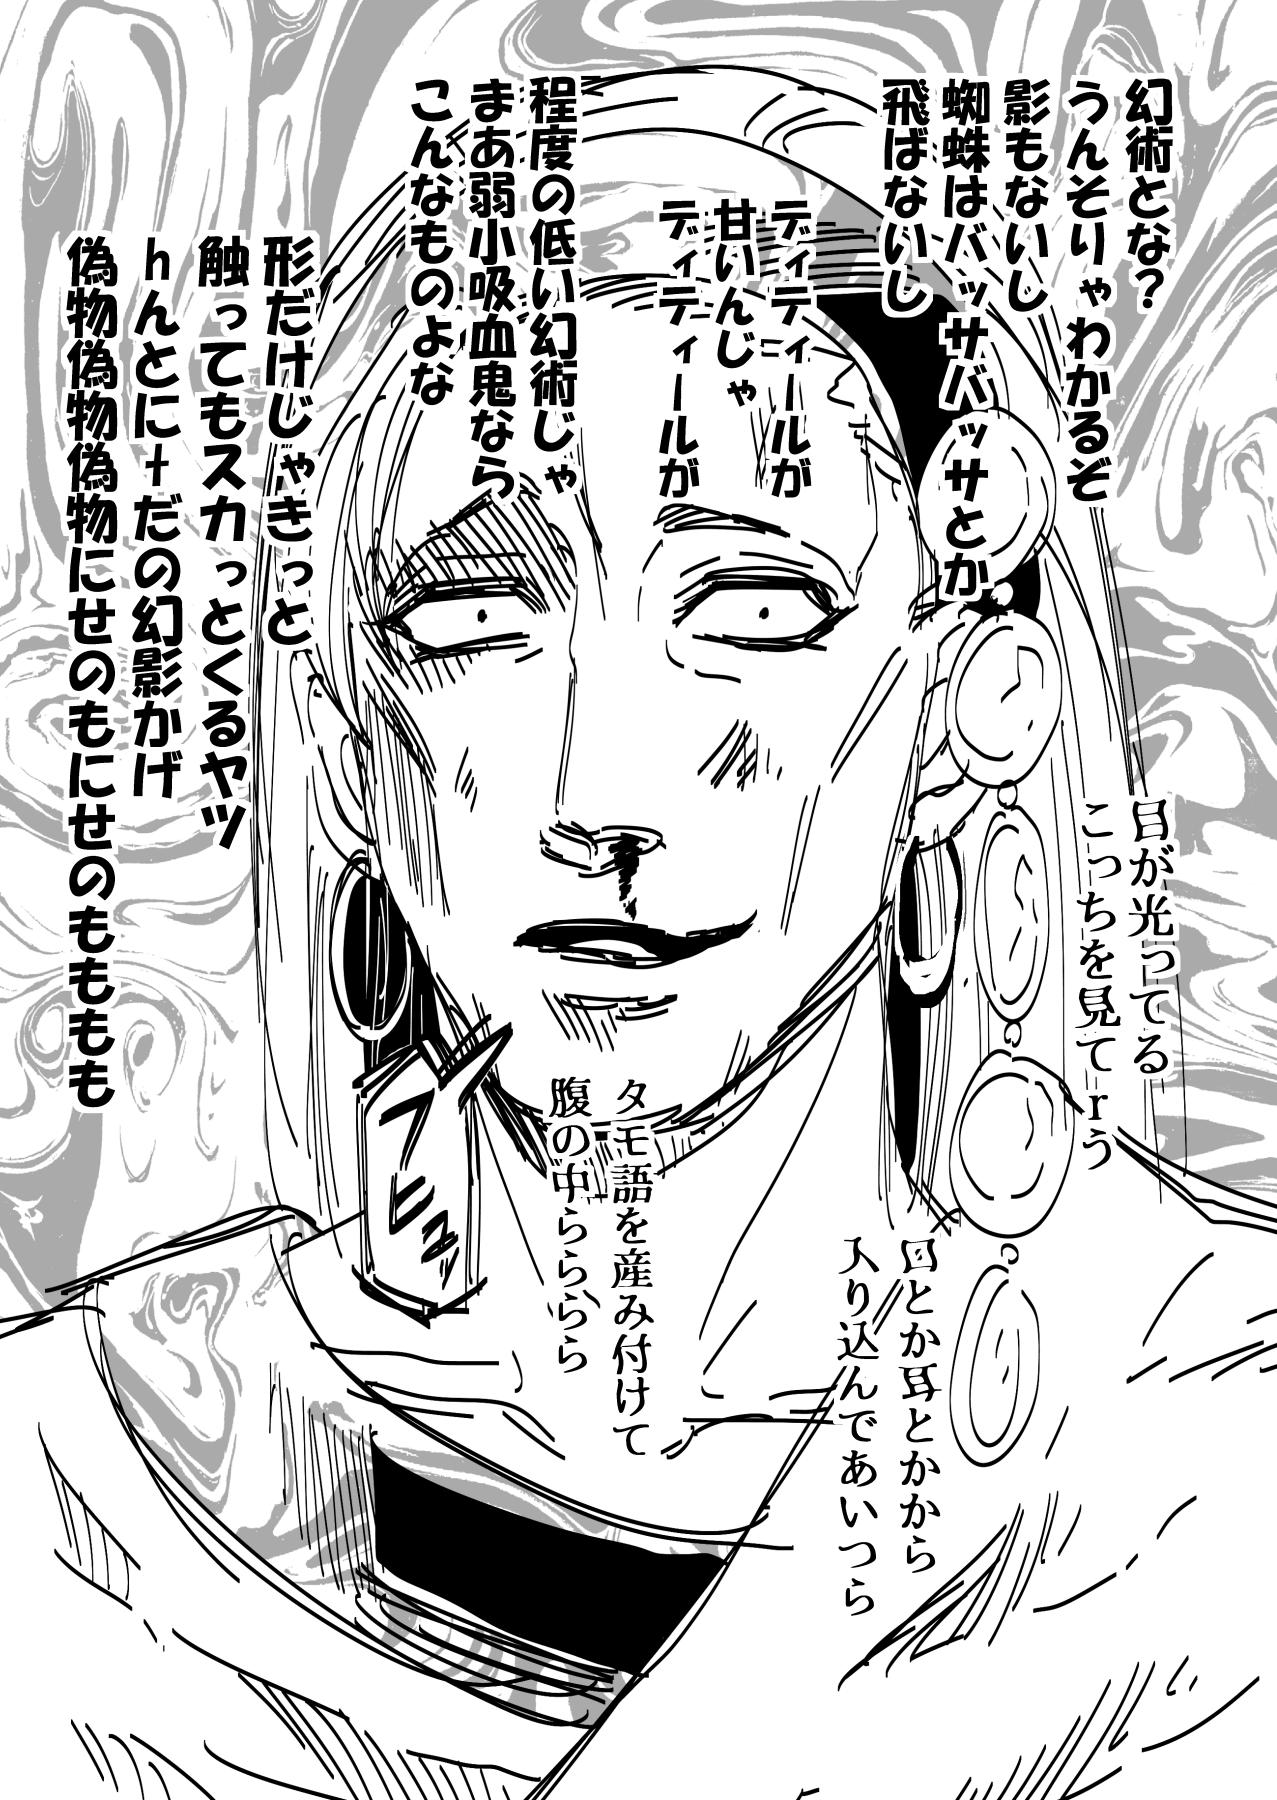 ヤサグレ魔女と第1王子と吸血鬼⑬ (12)-min